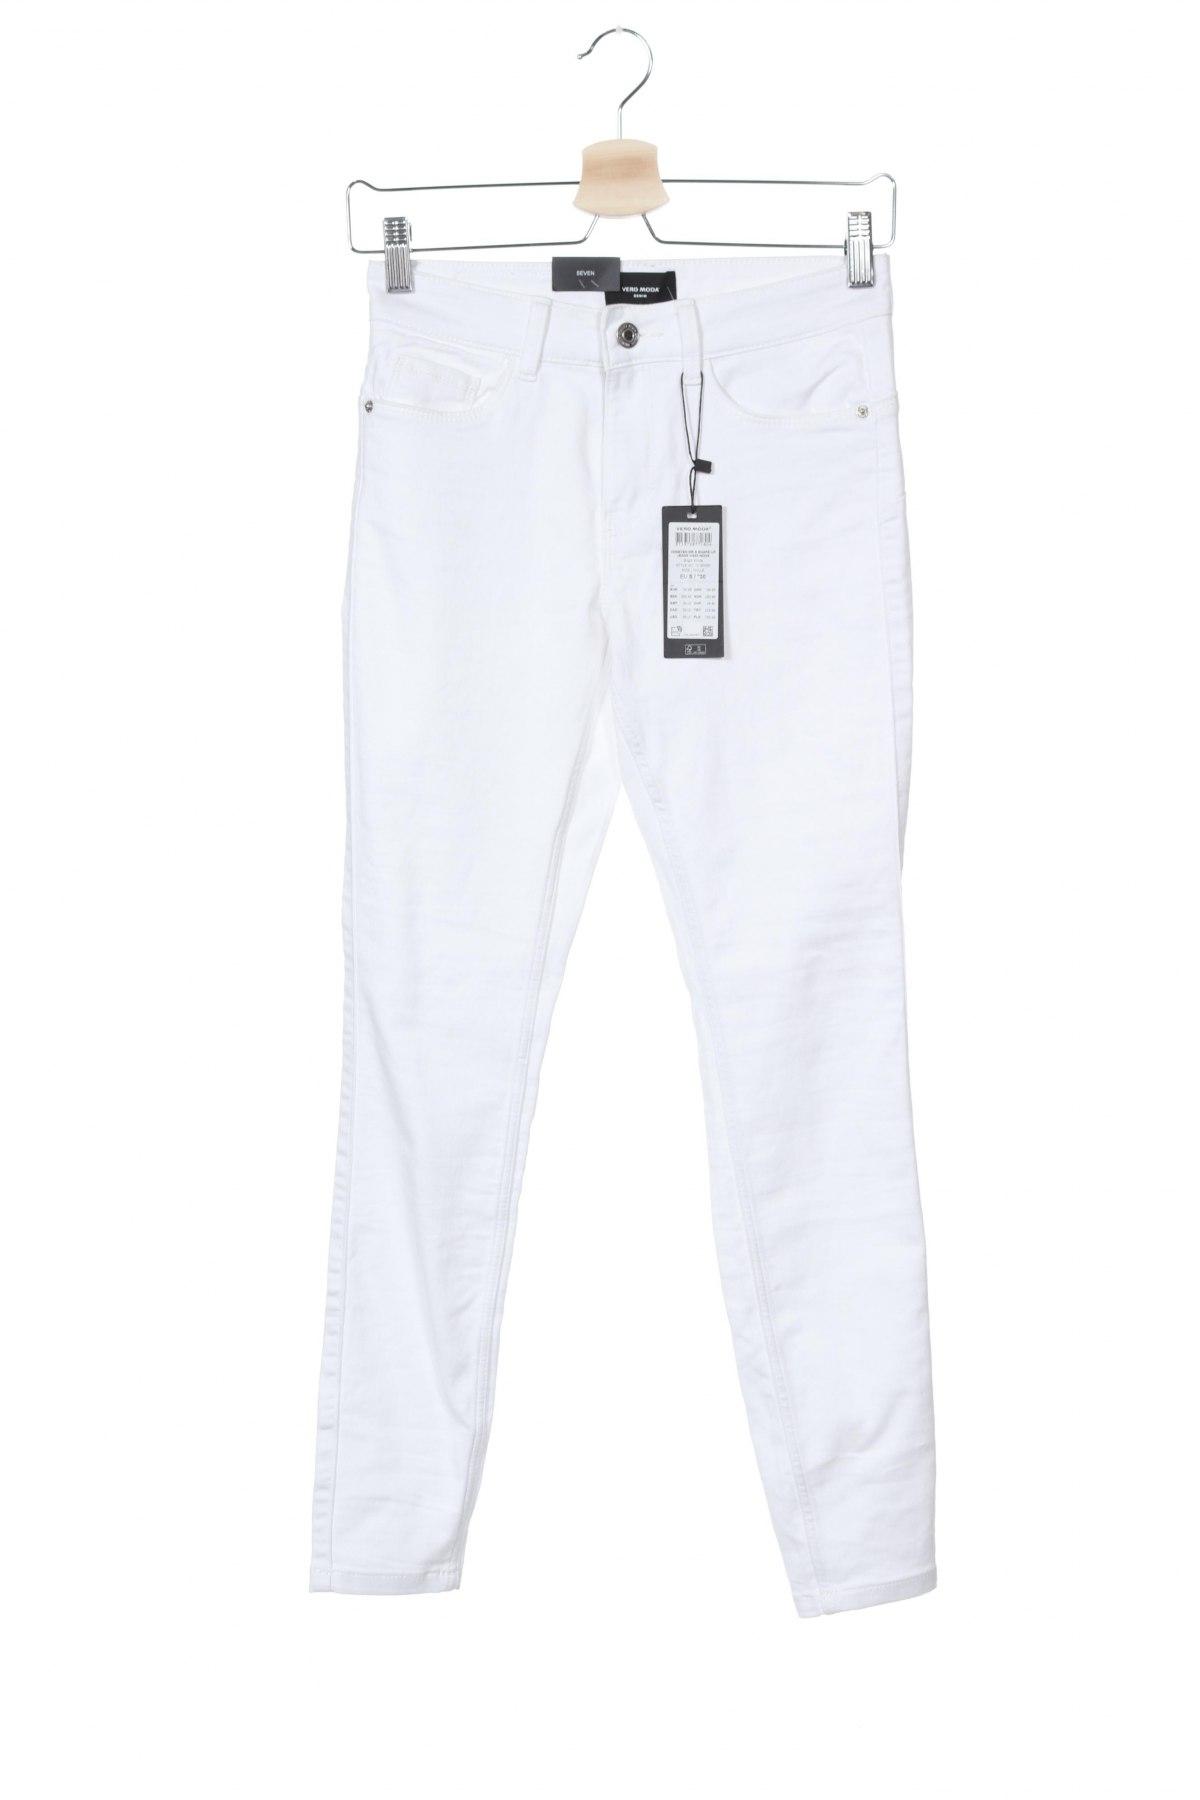 Дамски дънки Vero Moda, Размер S, Цвят Бял, 66% памук, 32% полиестер, 2% еластан, Цена 15,60лв.